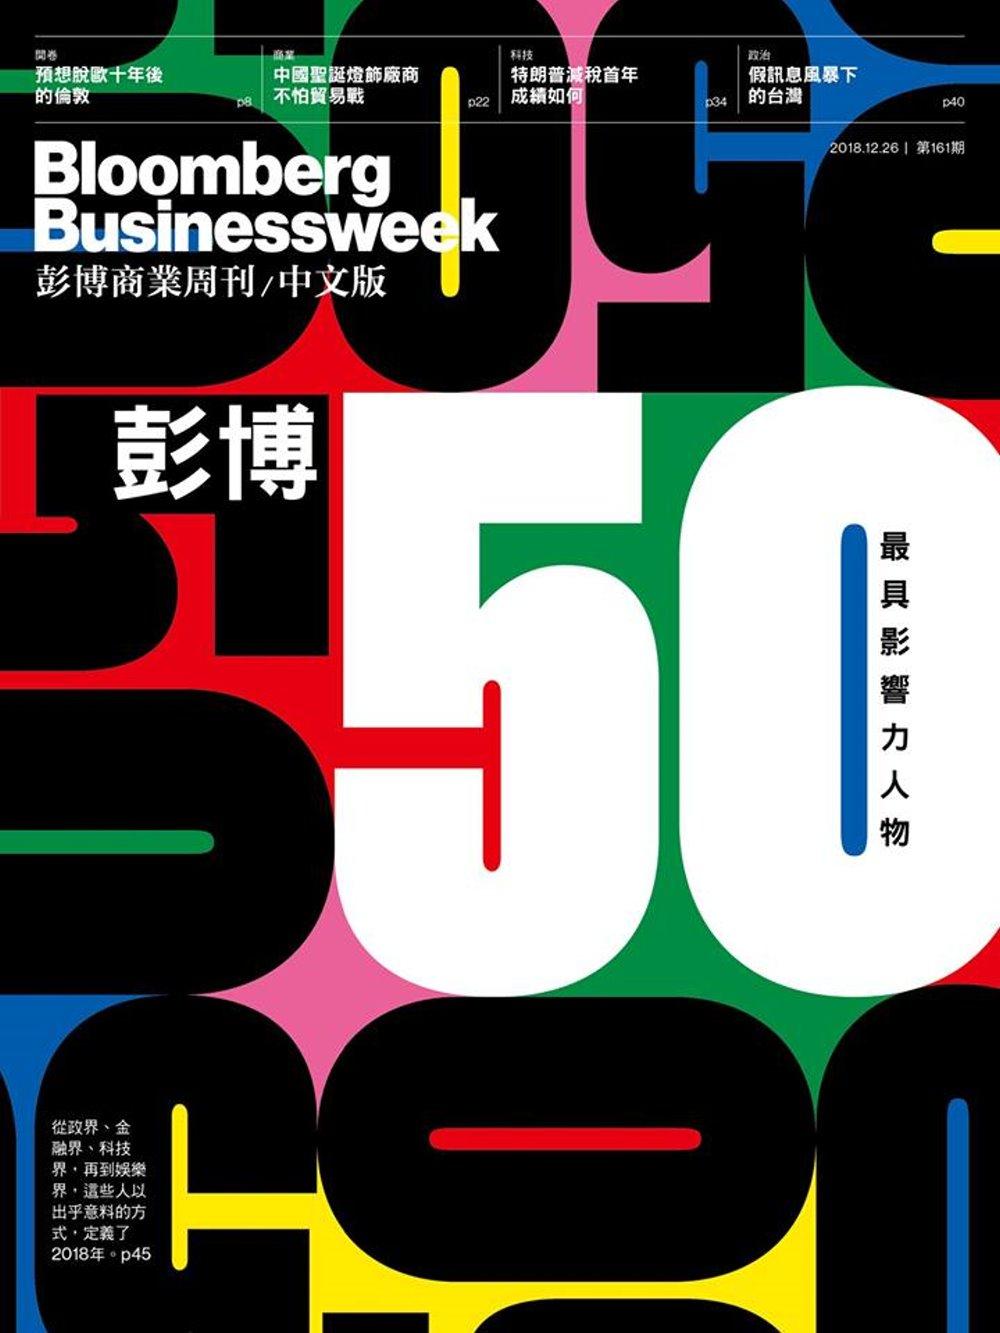 彭博商業周刊/中文版 第161期